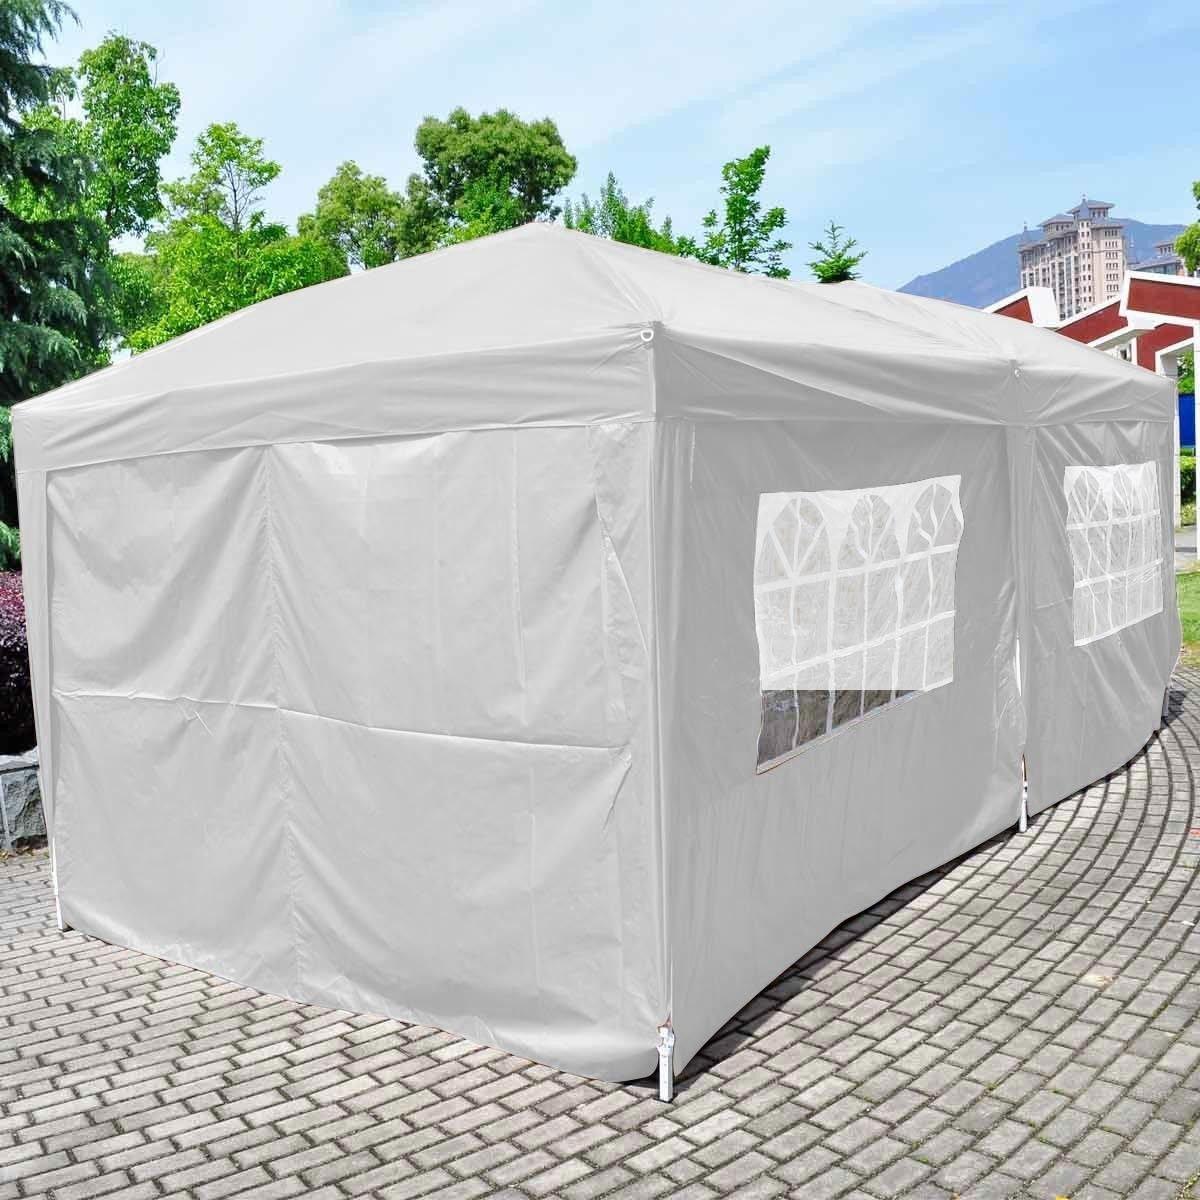 Giantex 10'x20' Ez POP up Wedding Party Tent Folding Gazebo Beach Canopy W/carry Bag (White)